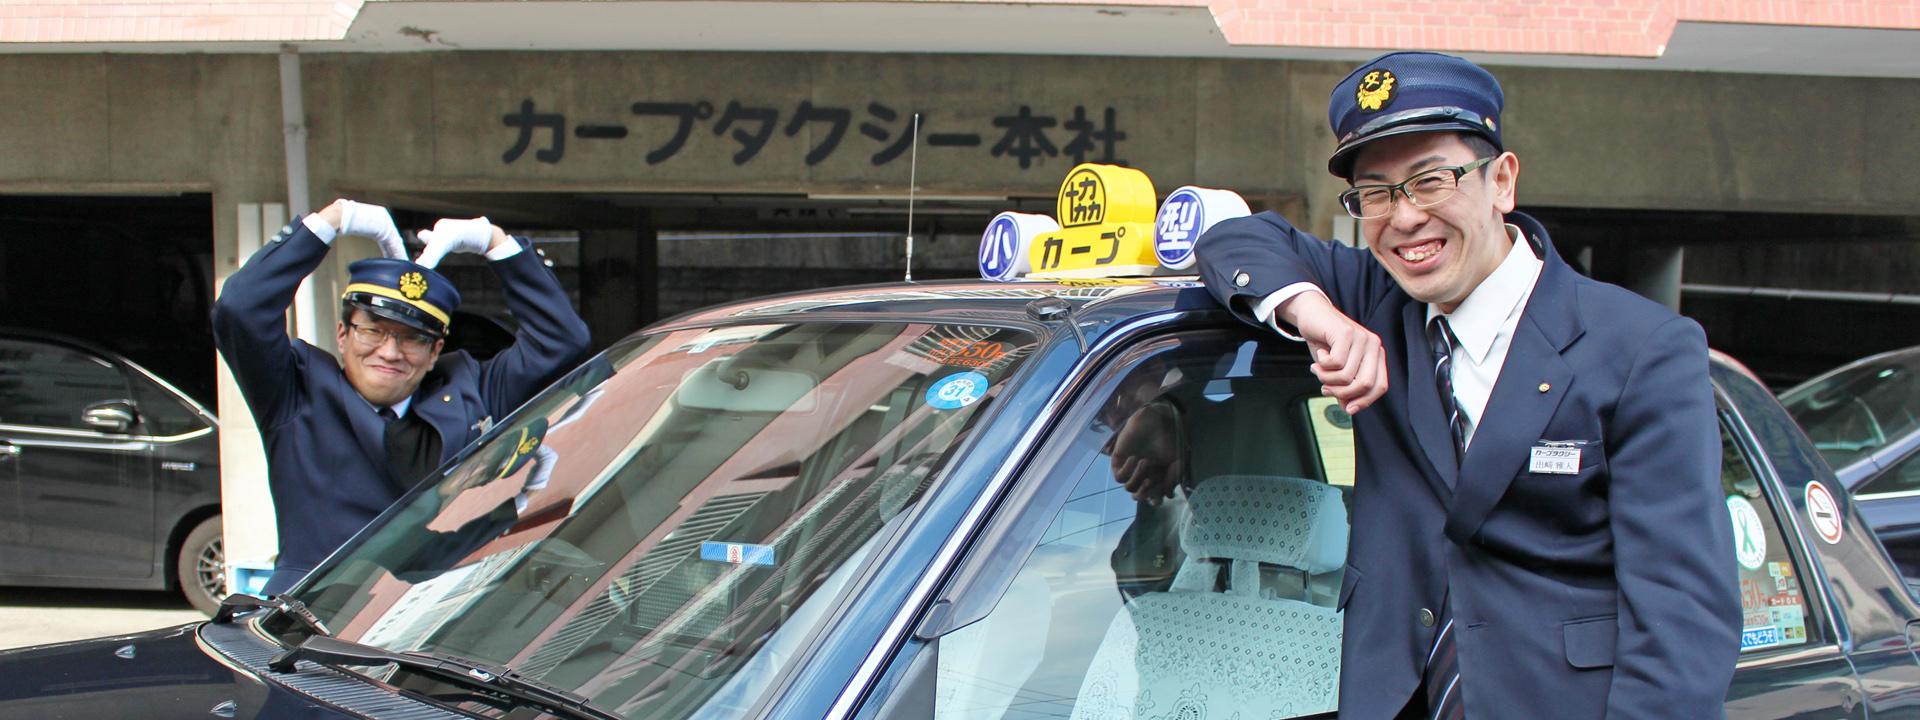 意外!タクシー3大メリット